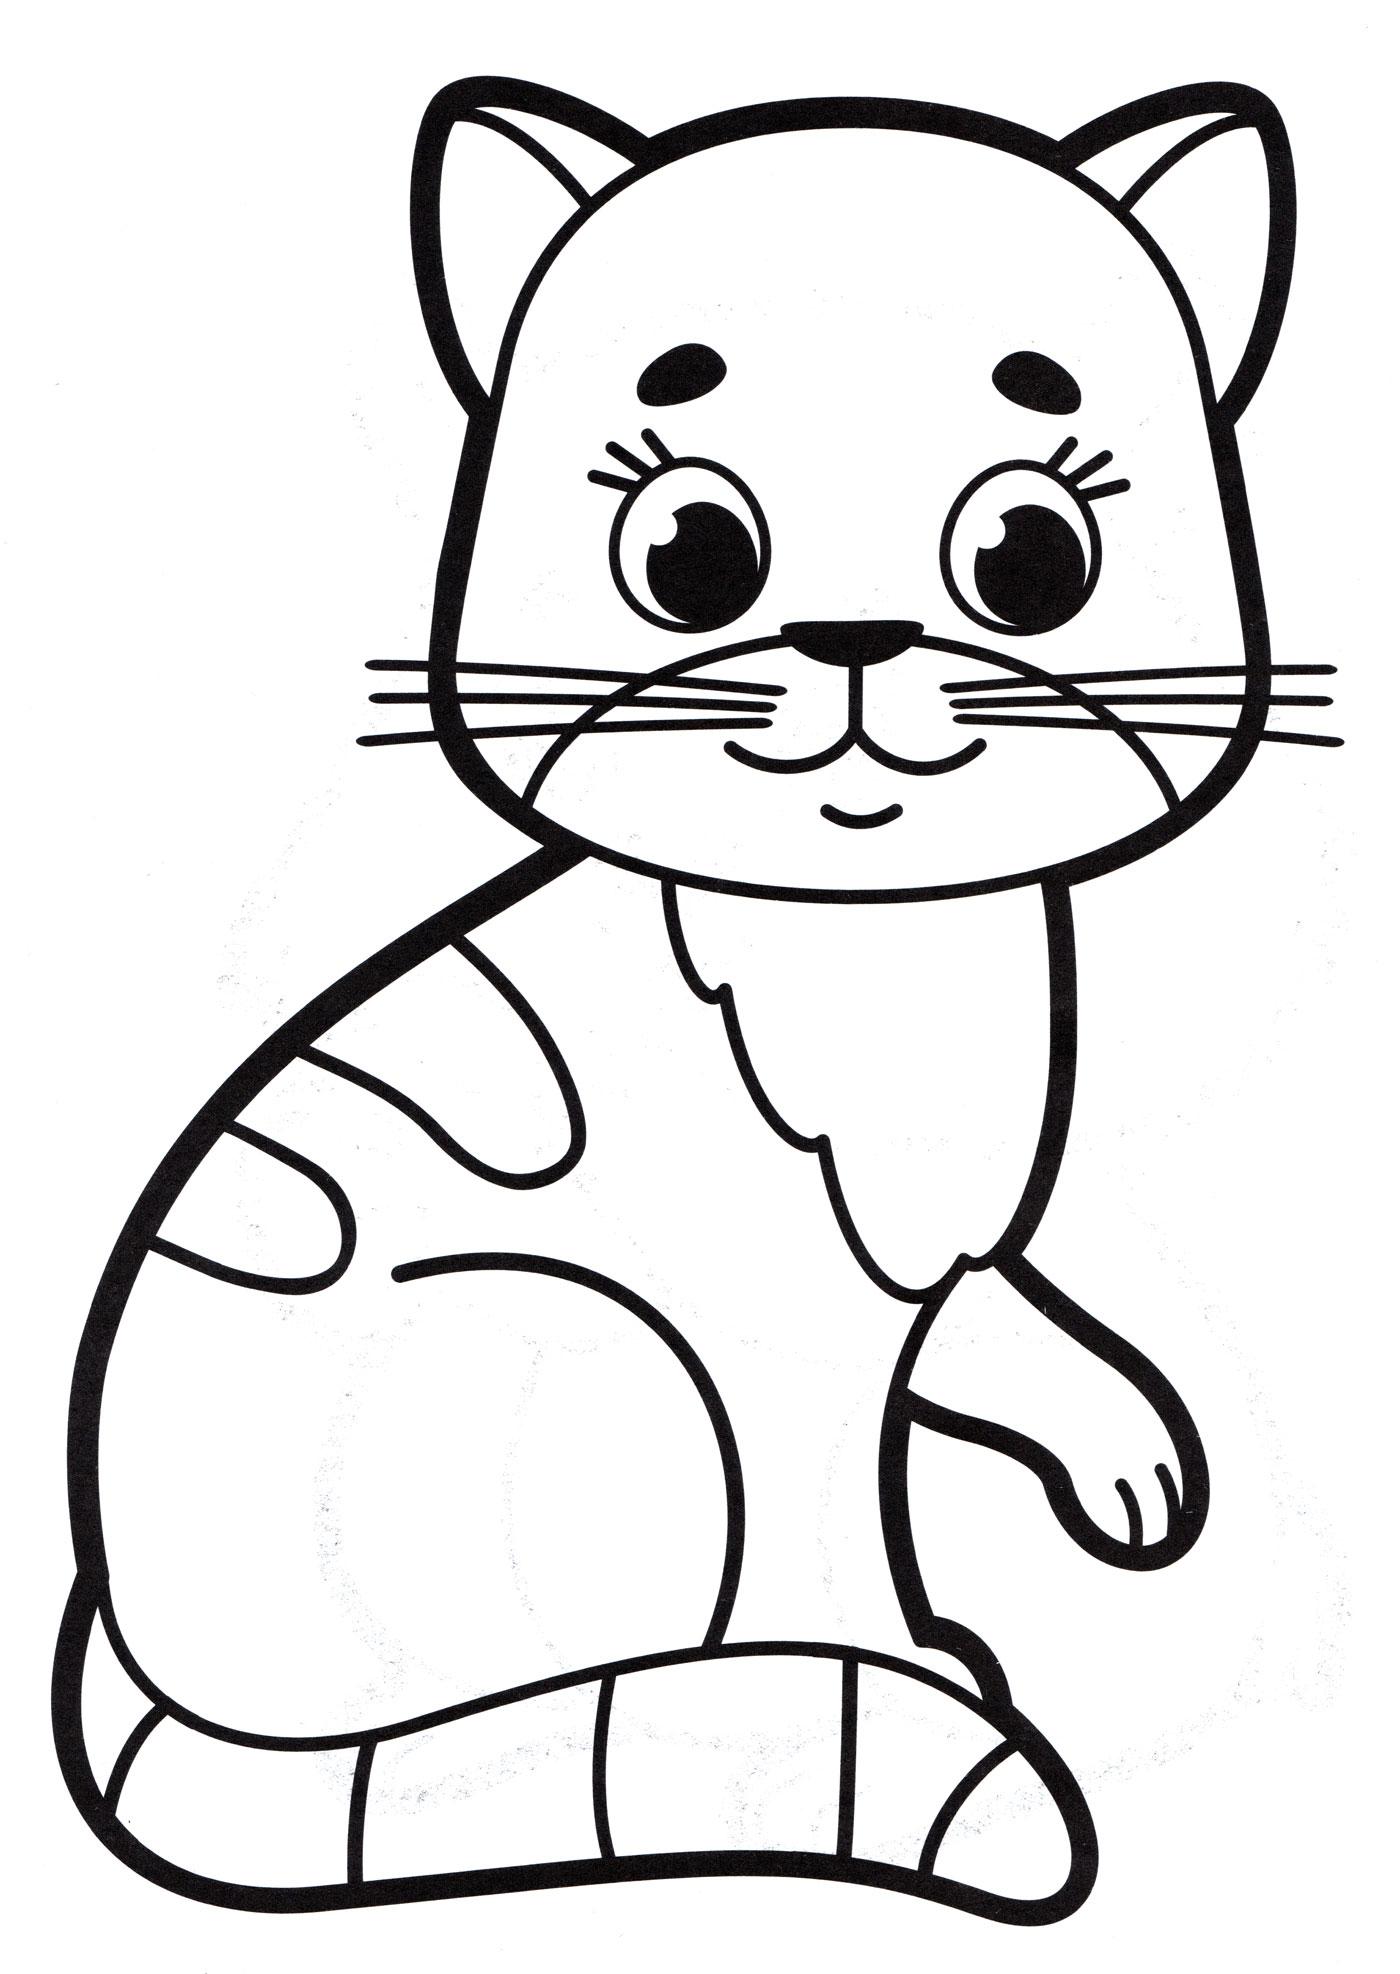 Раскраска Милая кошка - распечатать бесплатно